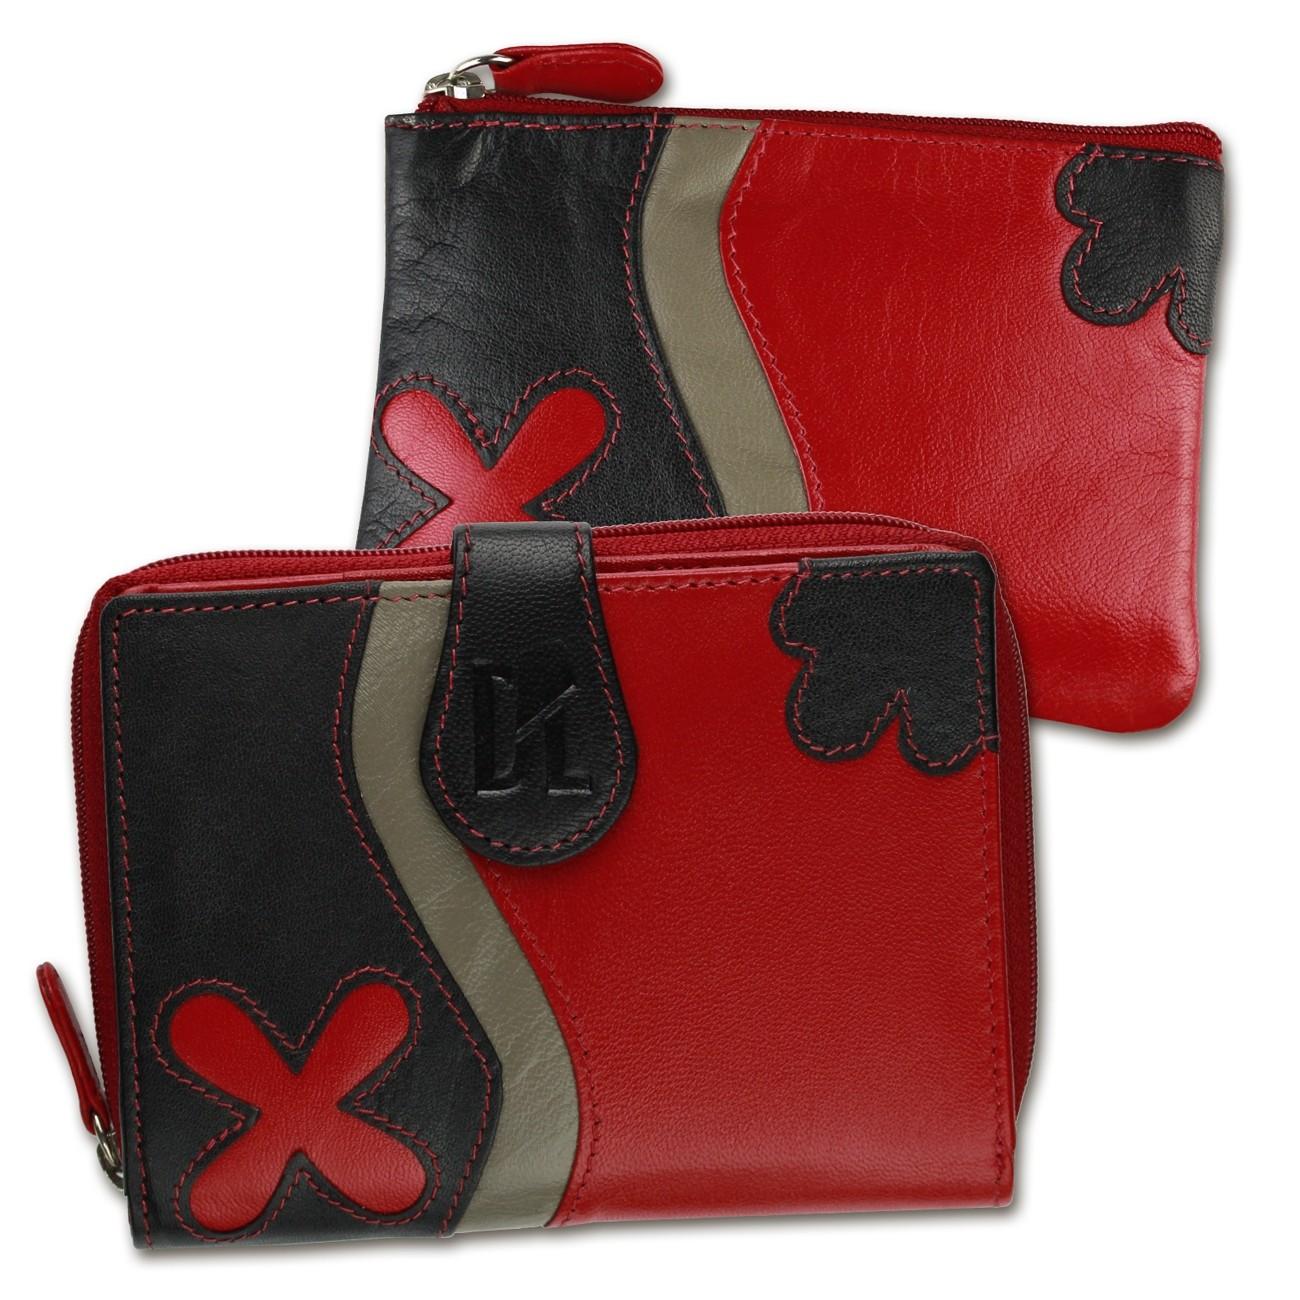 Geldbörse + Schlüsseletui Set Leder rot DrachenLeder Geschenkset 2tlg. OSS100R